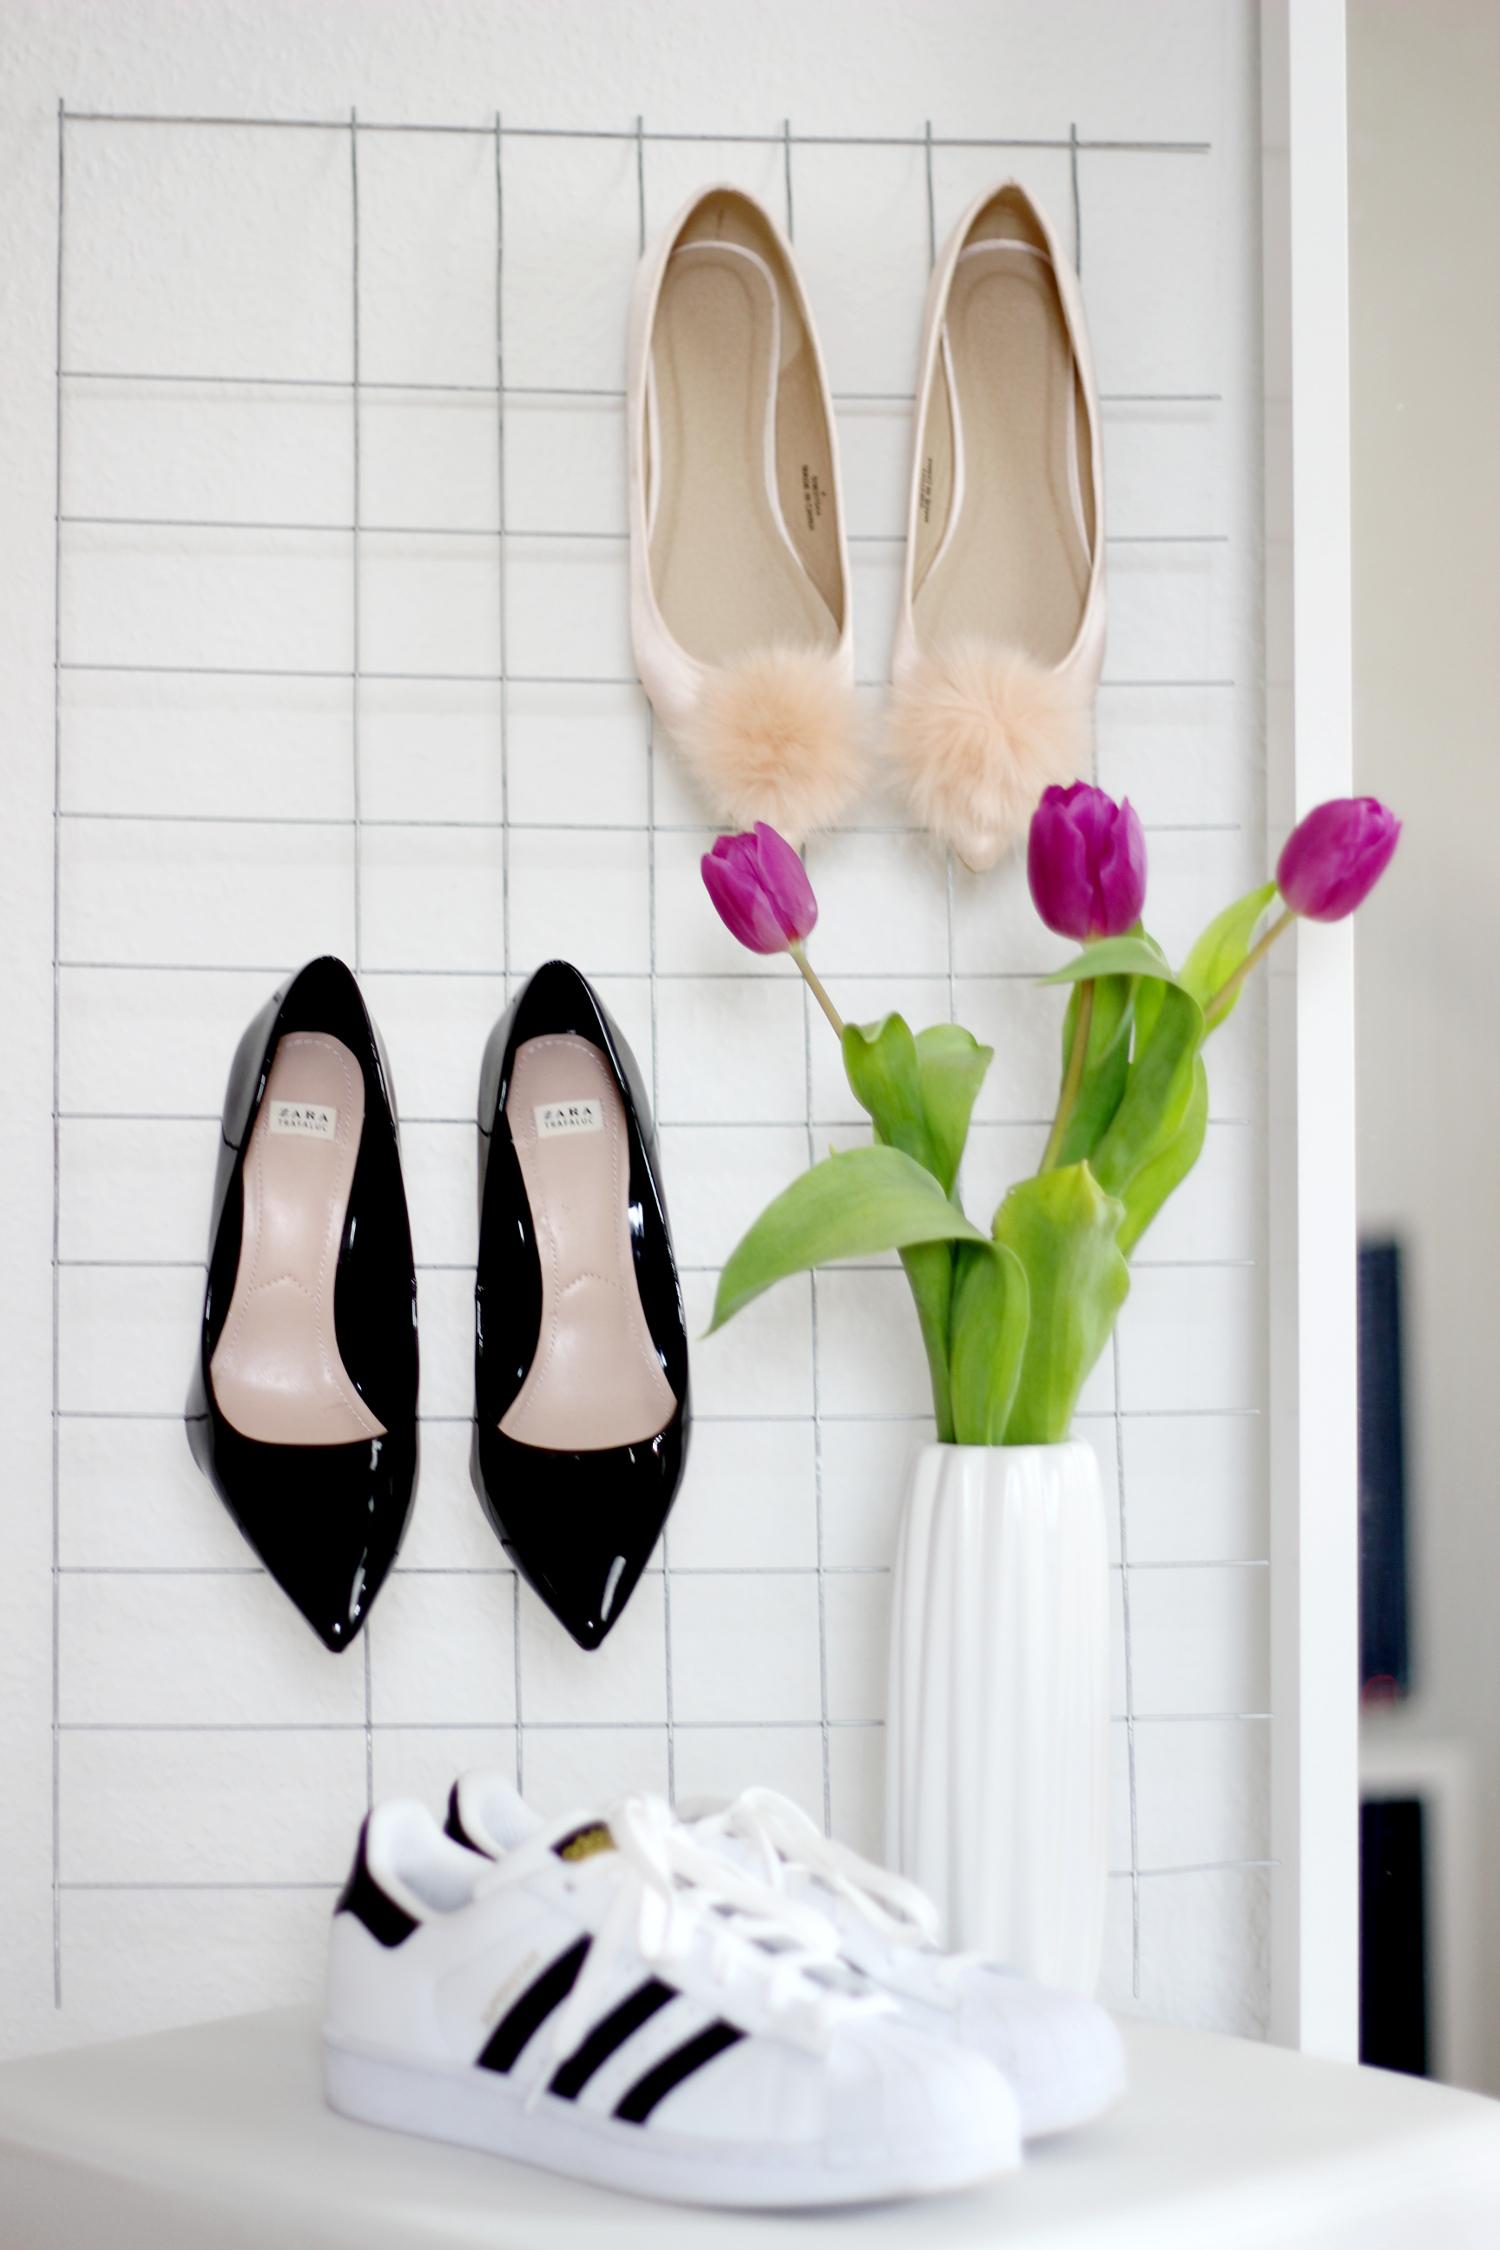 Bezaubernde Nana, bezauberndenana.de, Fashionblog, Lifestyleblog, Interior, Wohnen, Dekoration, Westwing, Schuhe